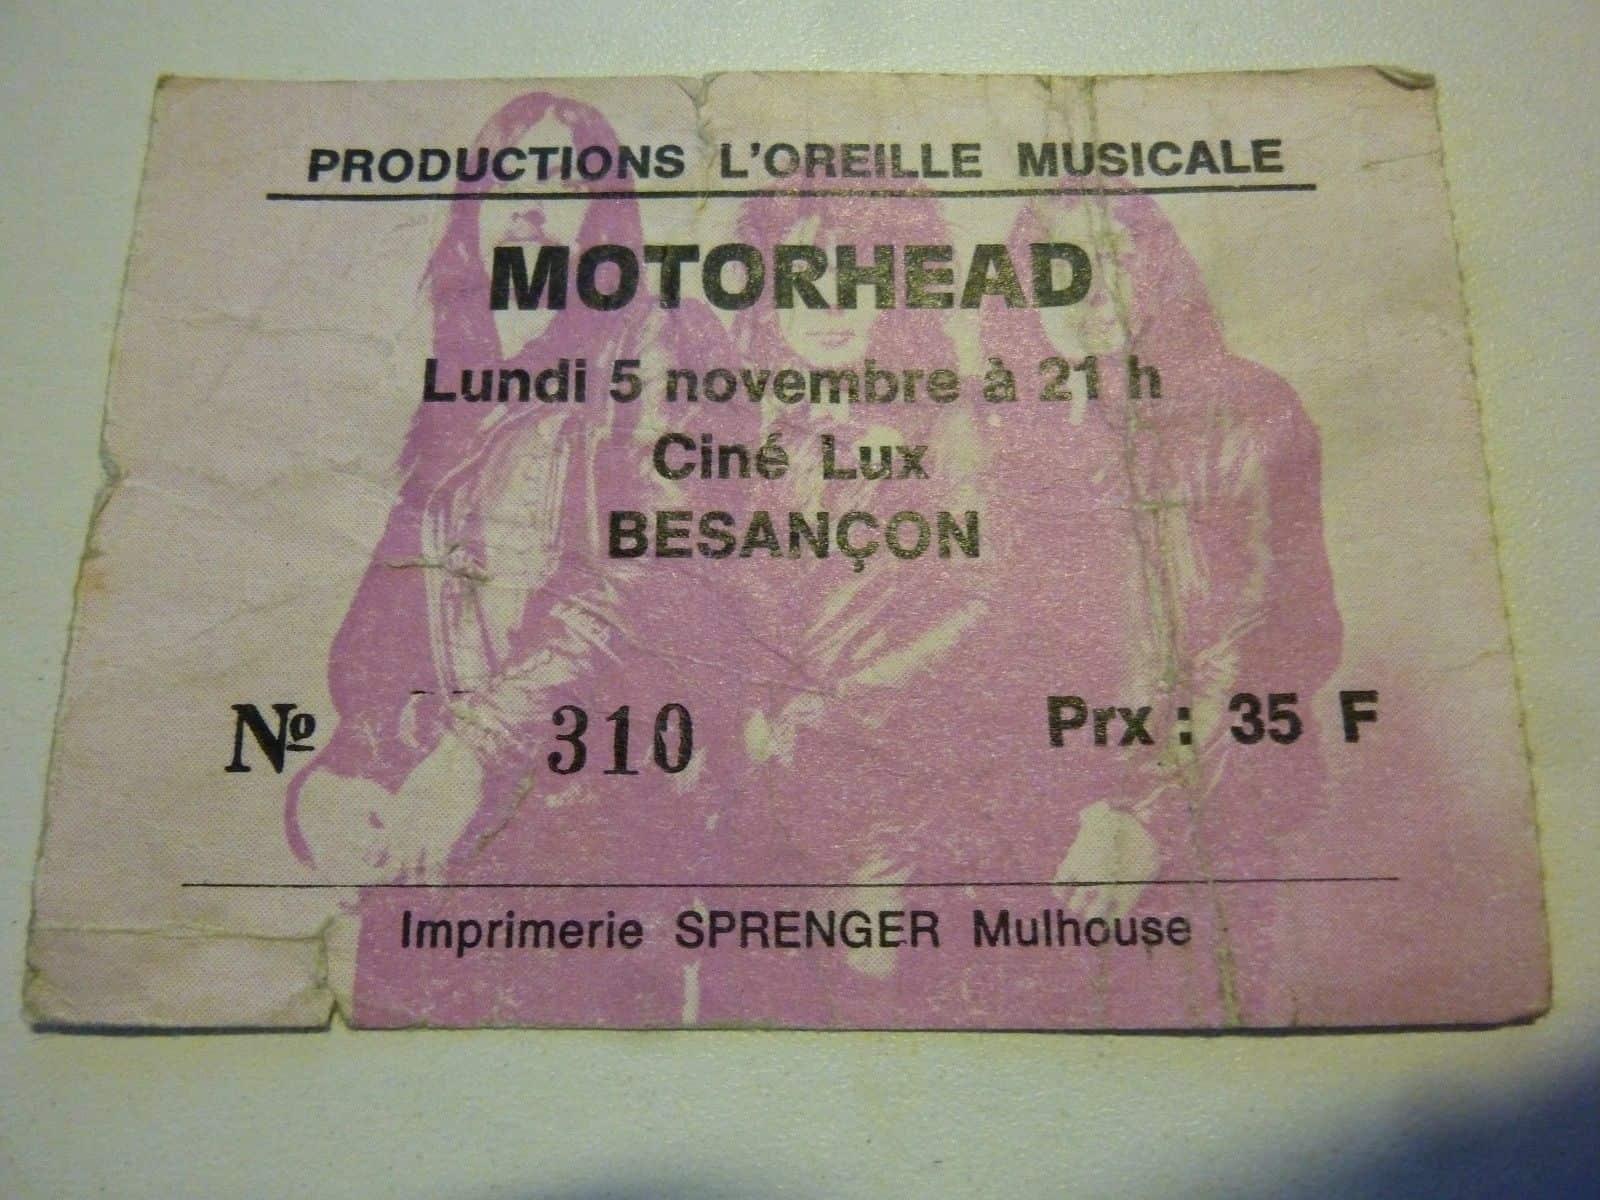 Motorhead Besancon 1979